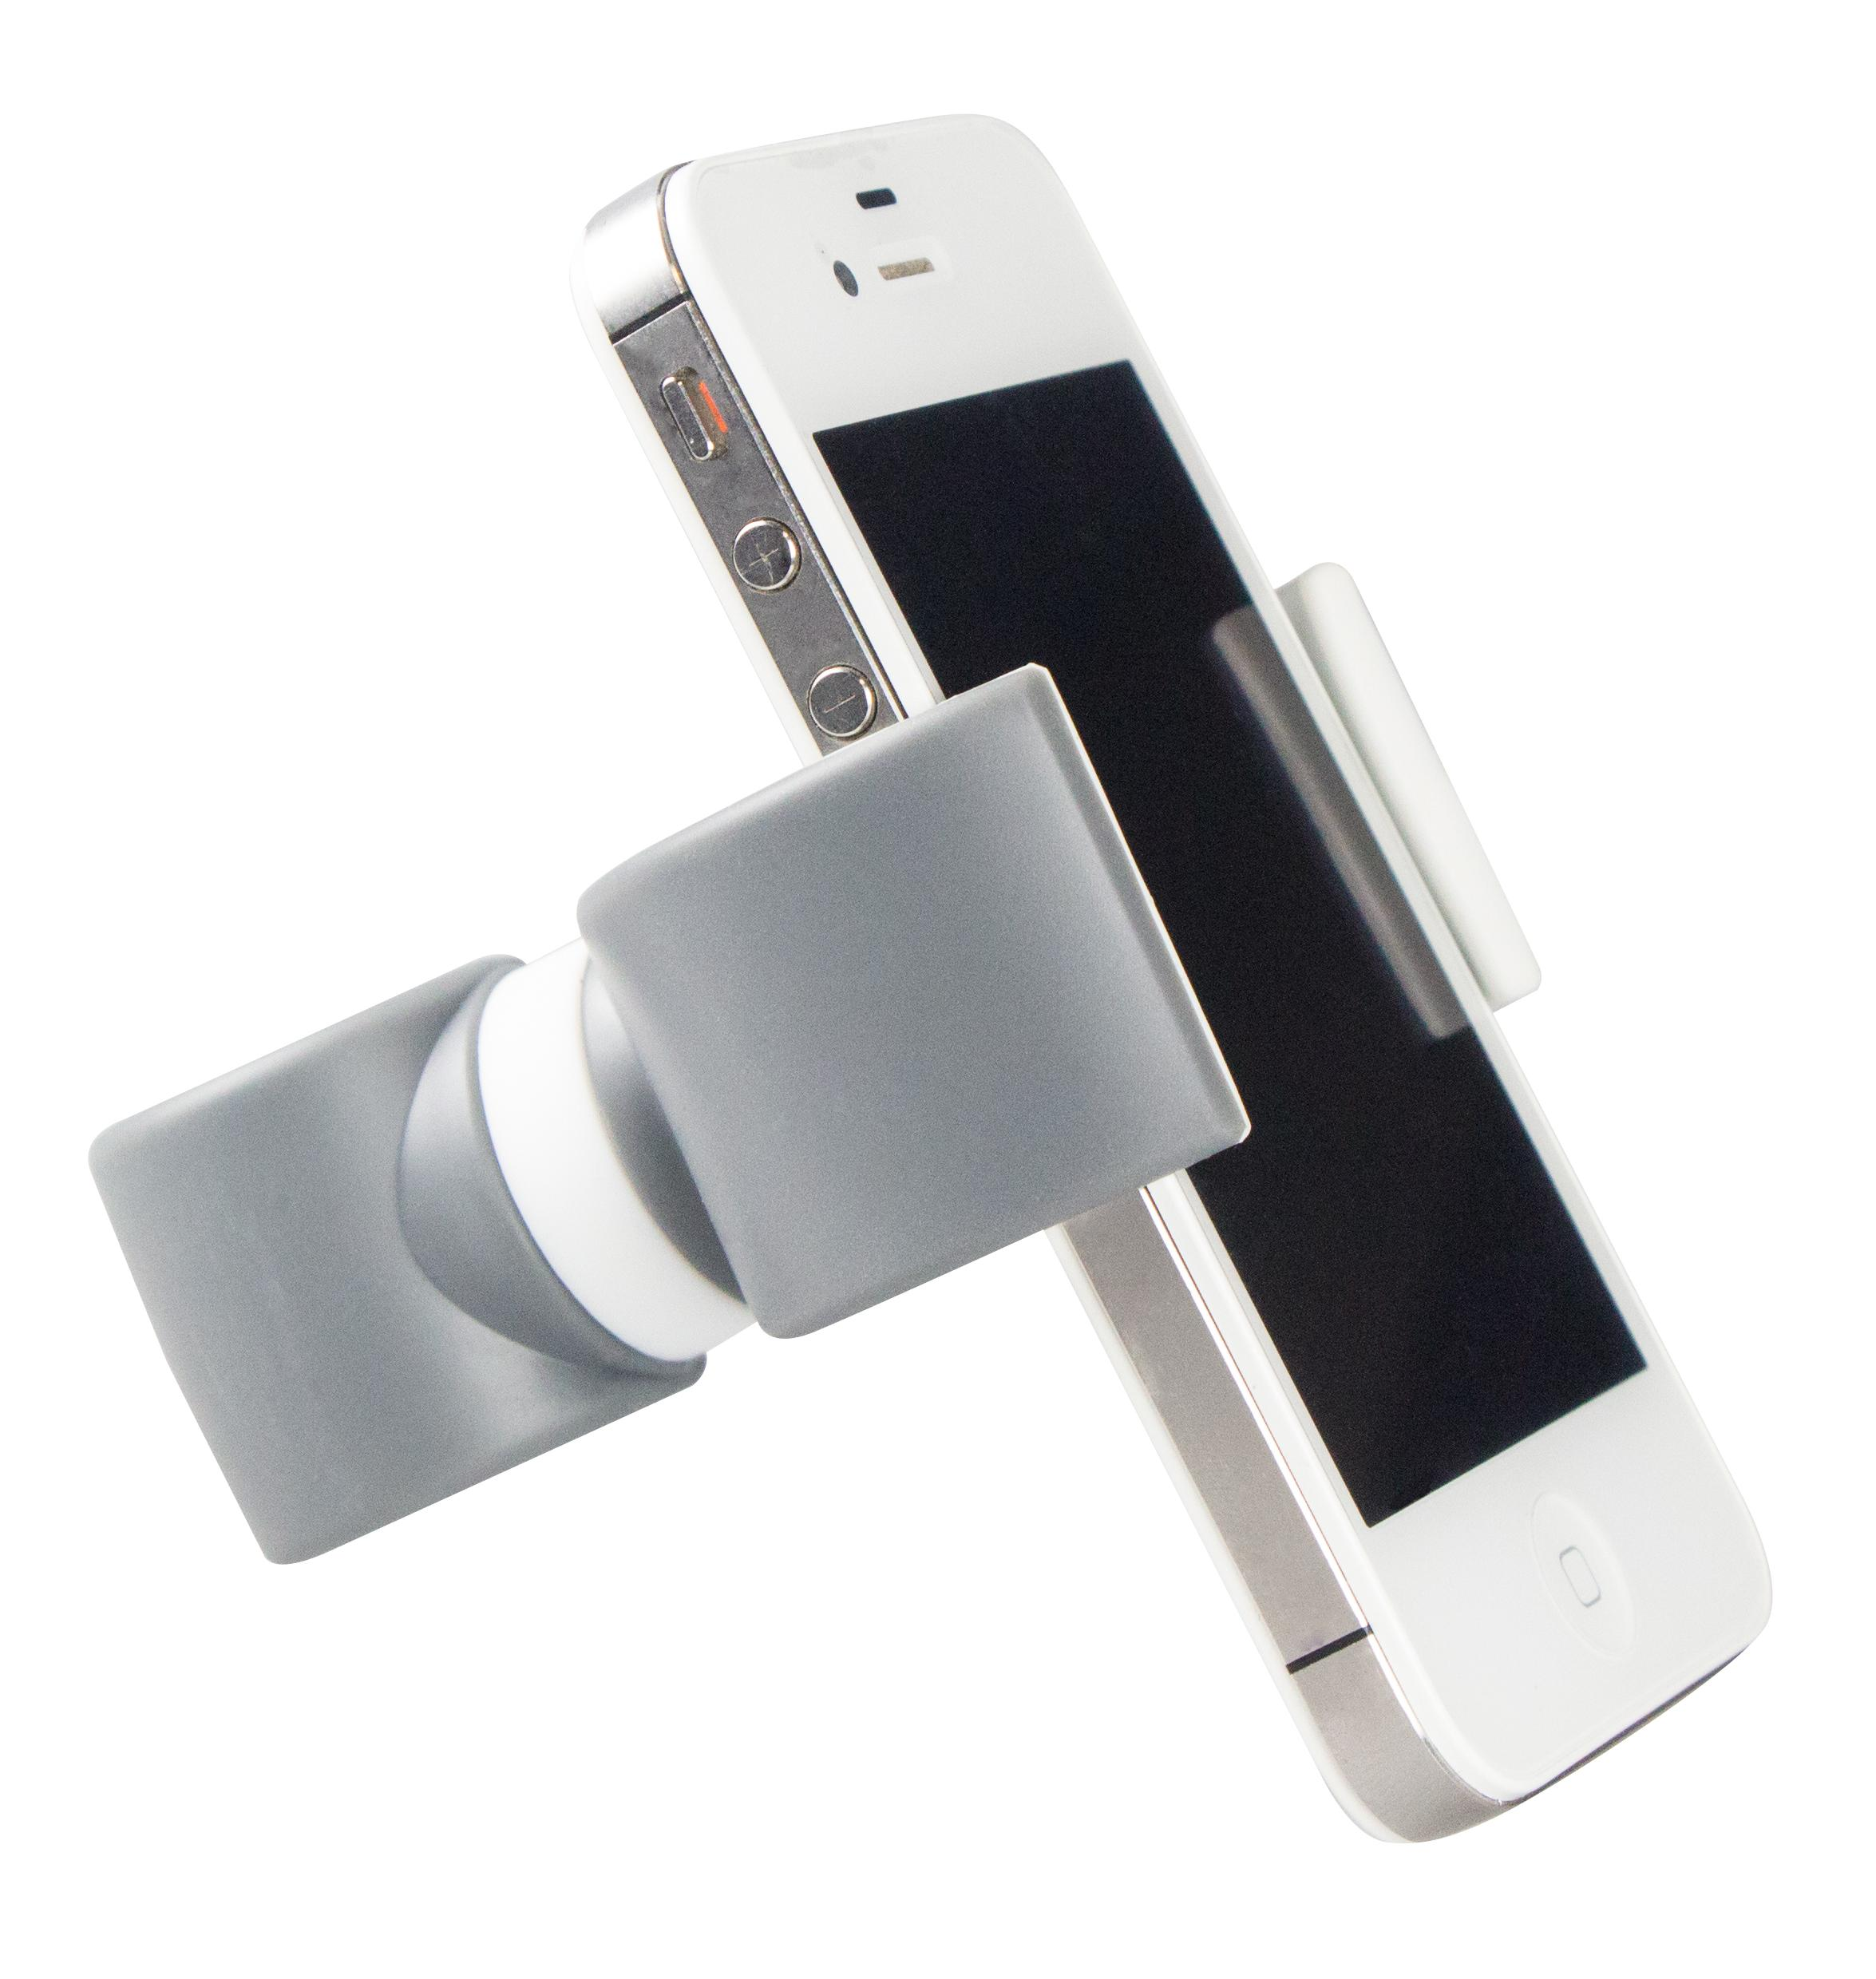 Автомобильный крепеж для телефона КАРКАМ КМ-128 от КАРКАМ